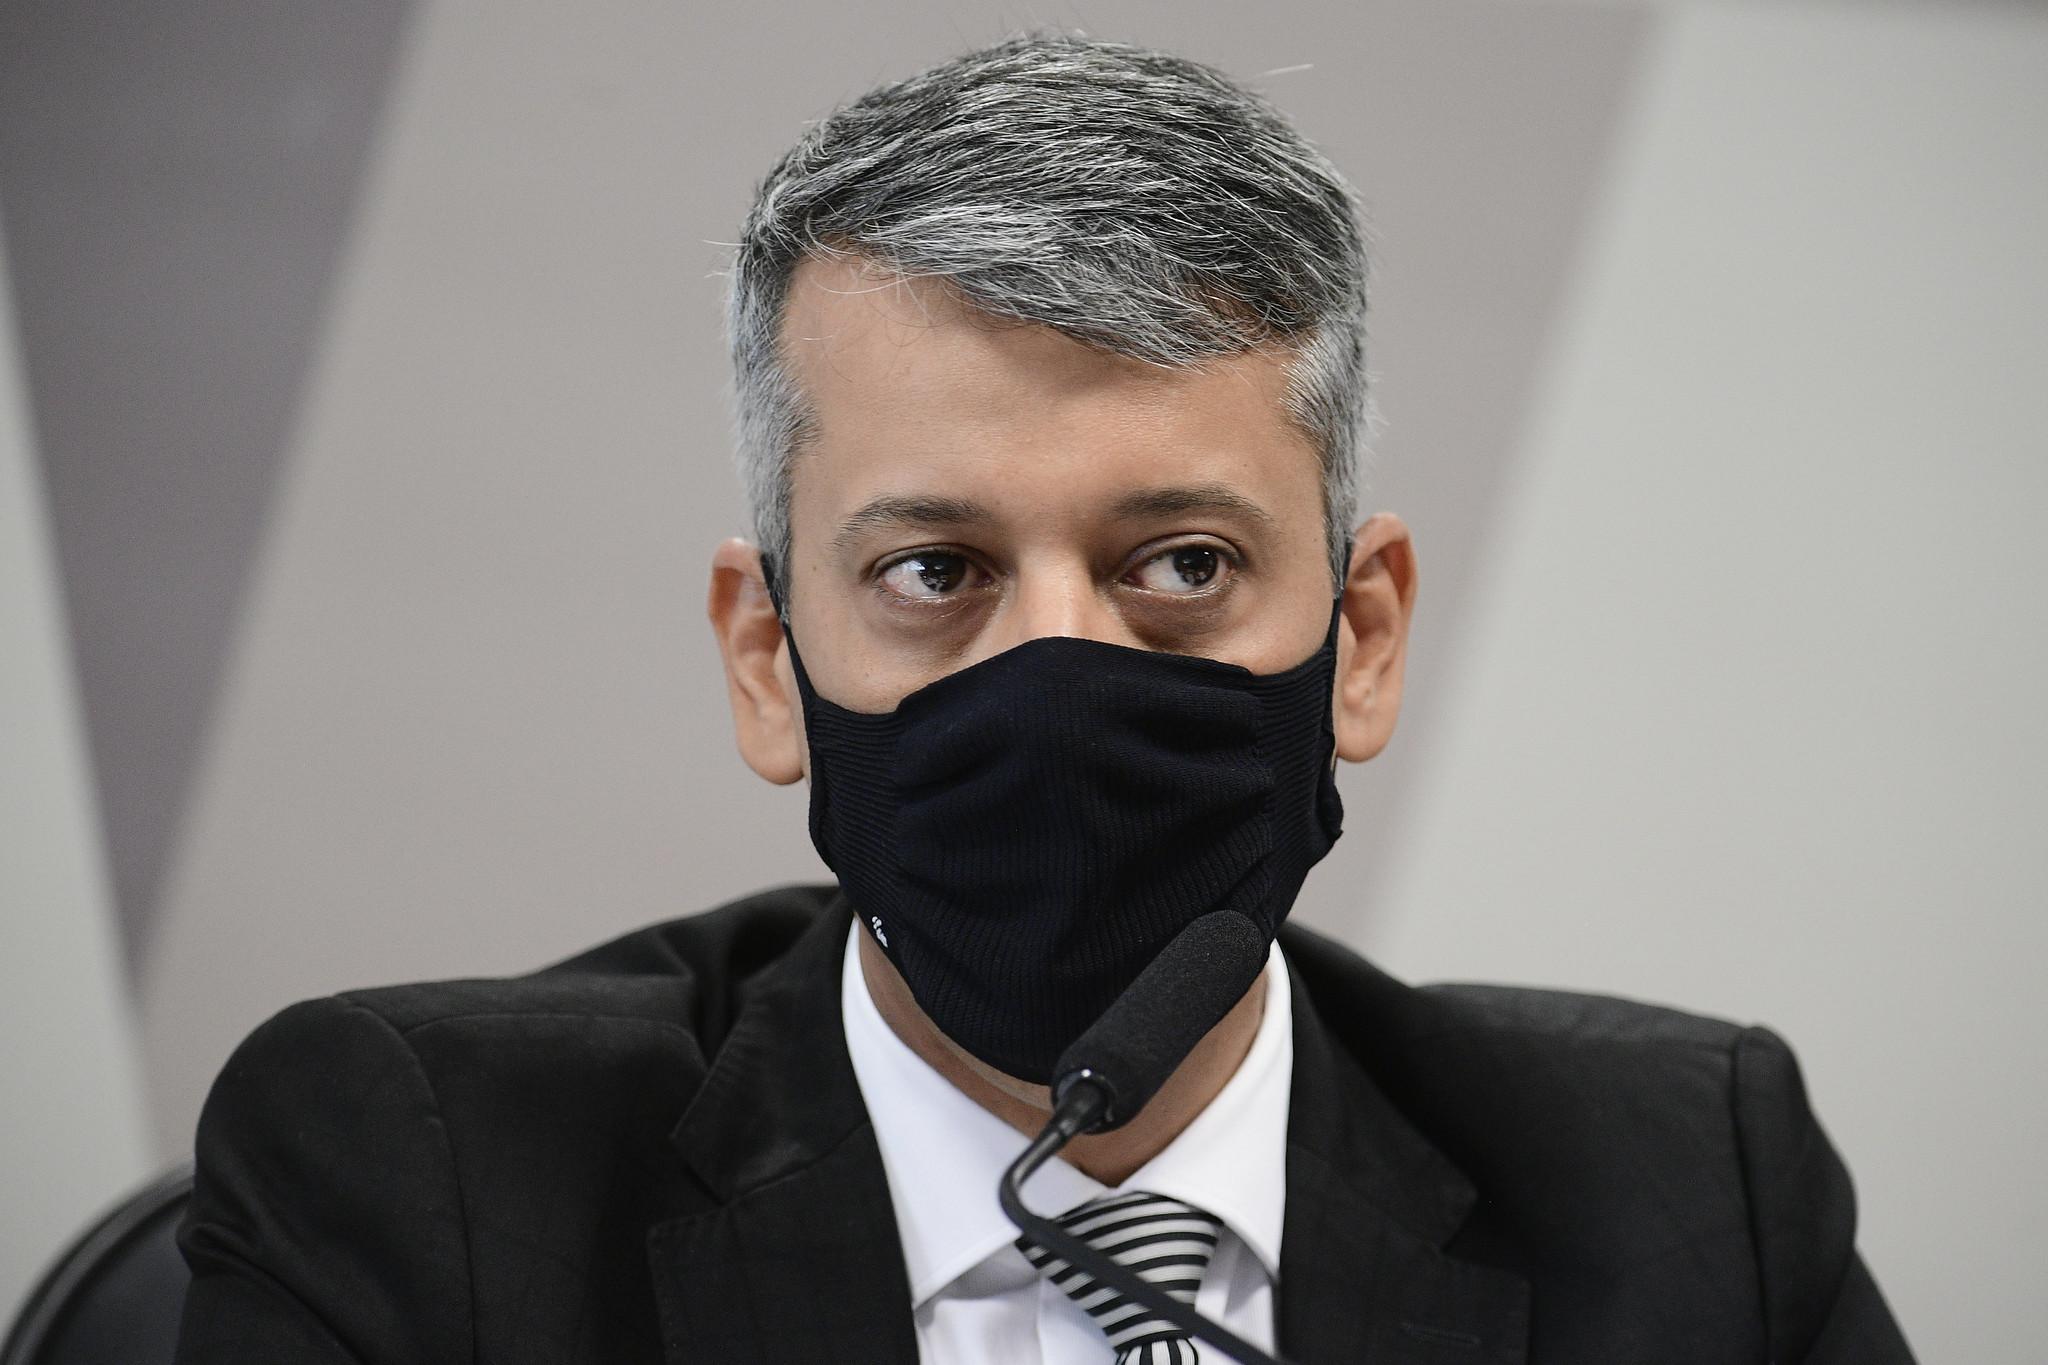 IMAGEM: Governo pagou R$ 39 milhões por contrato com suspeita de irregularidades